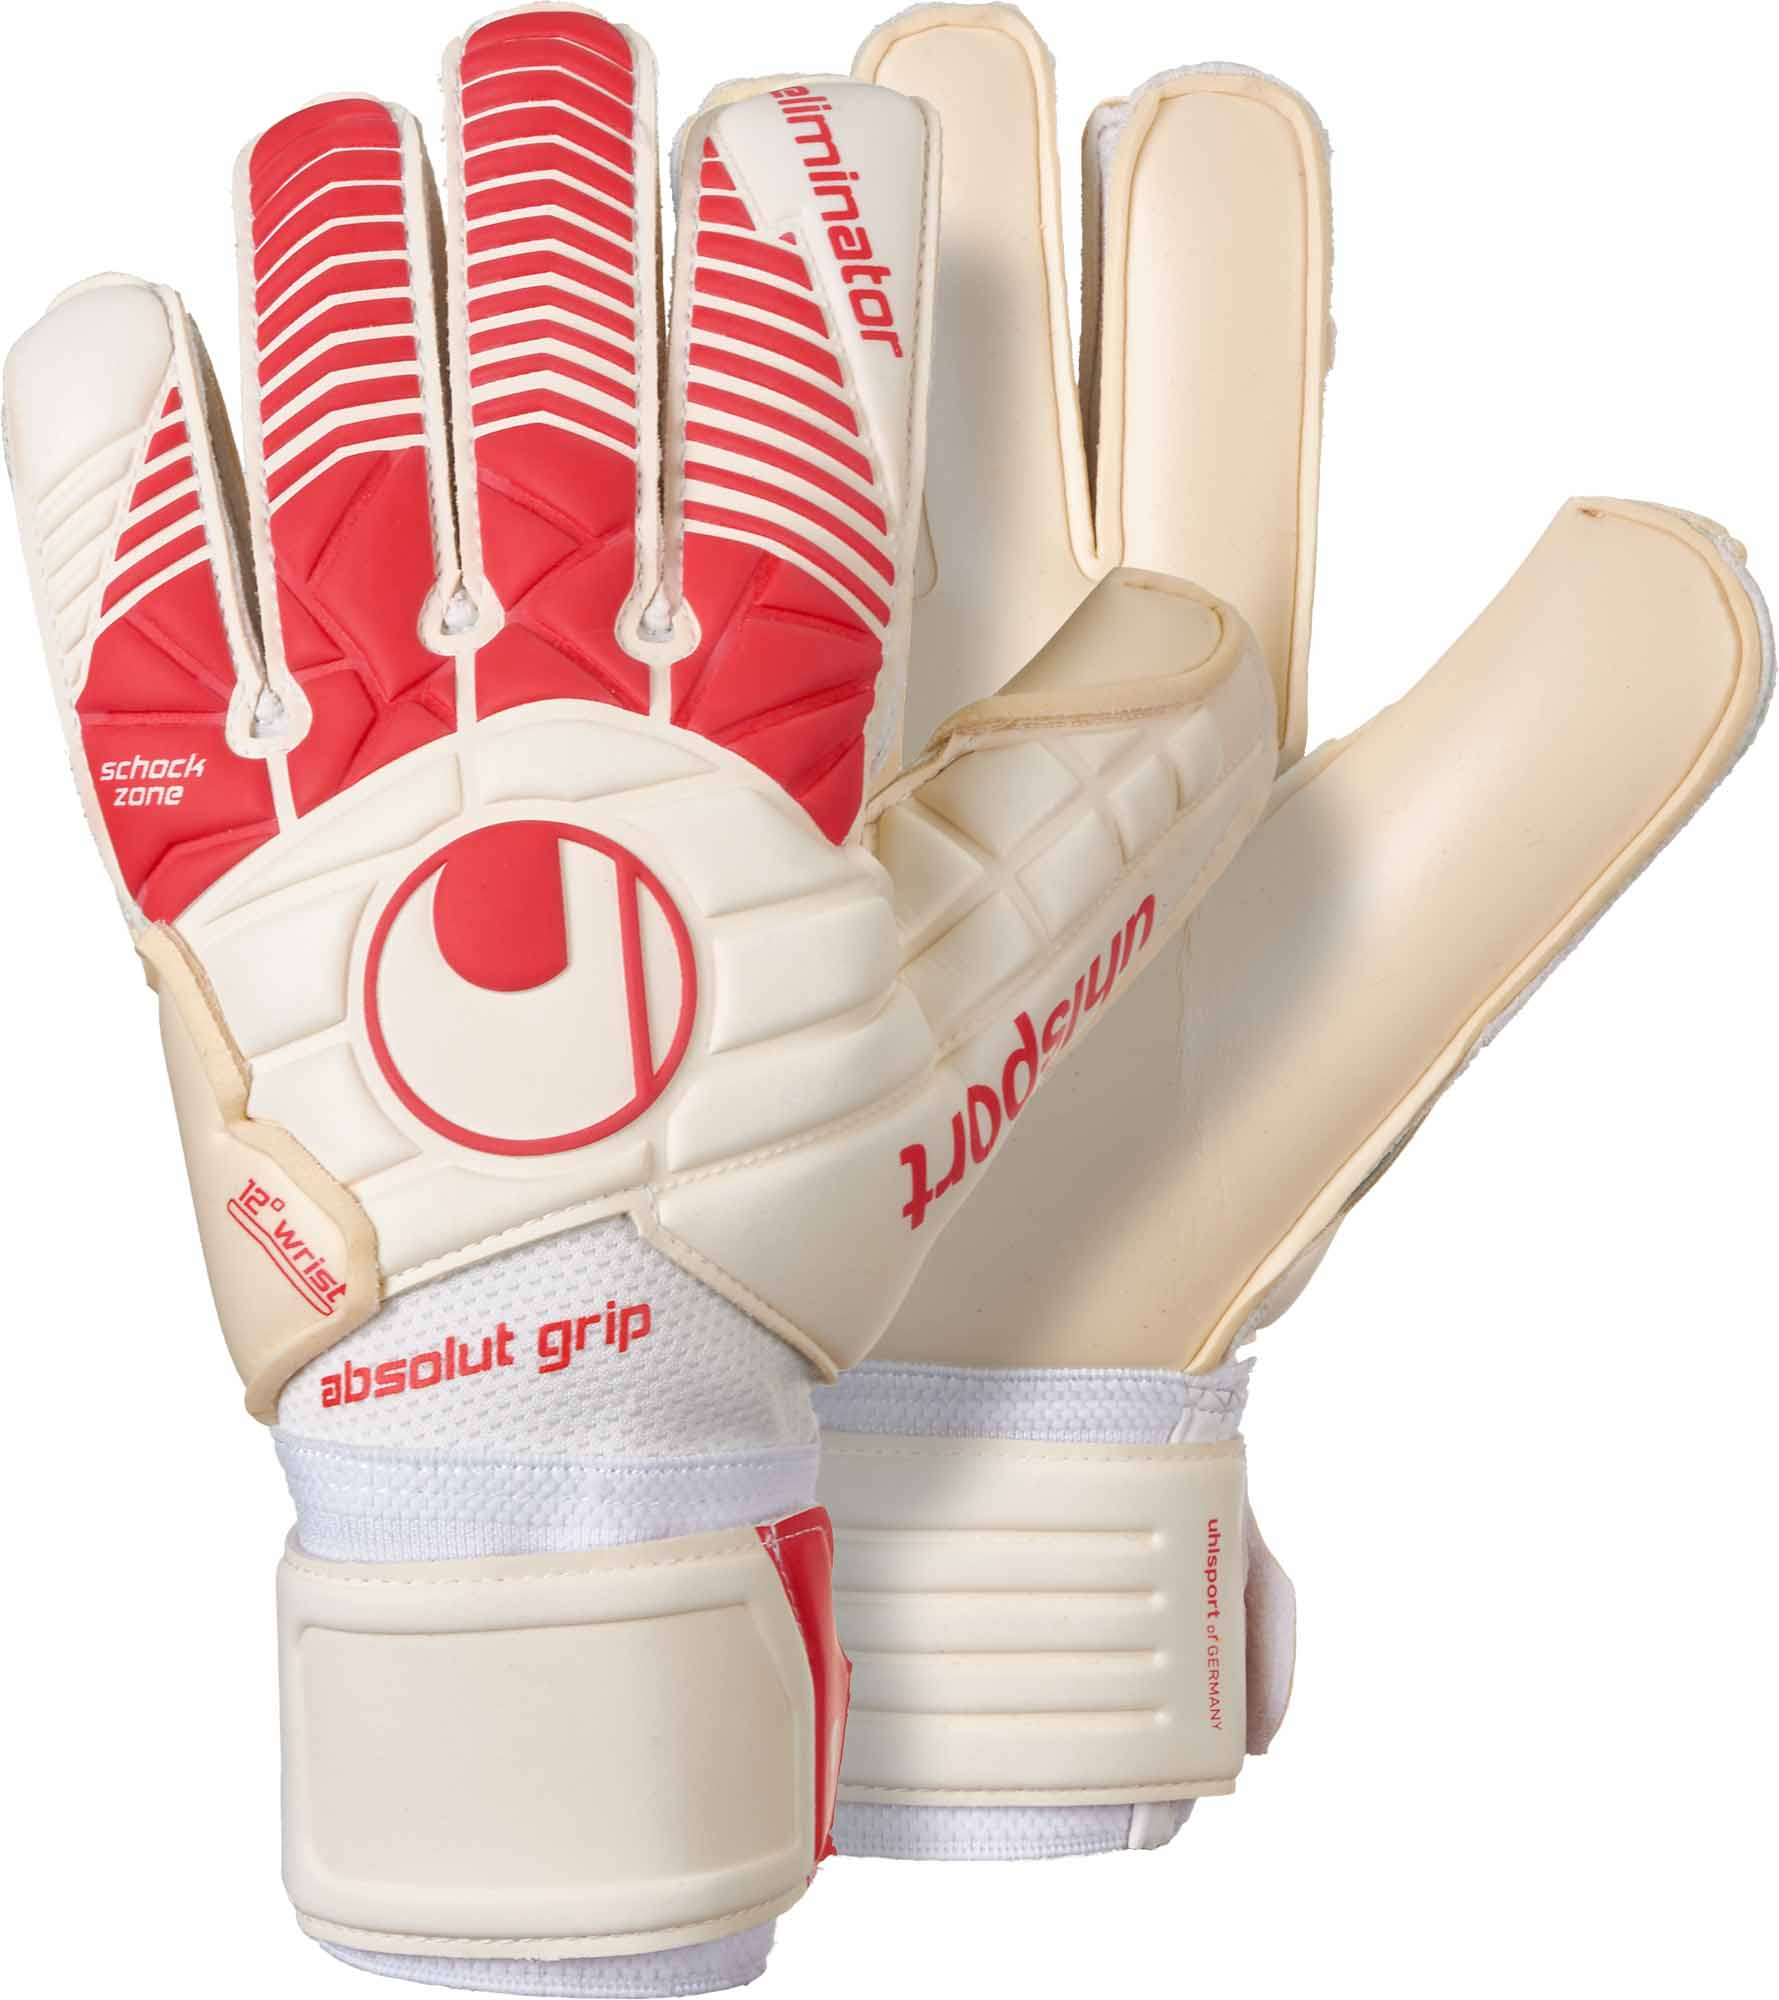 4321ddc8efe9 Uhlsport Eliminator Absolutgrip Goalkeeper Gloves - White & Red